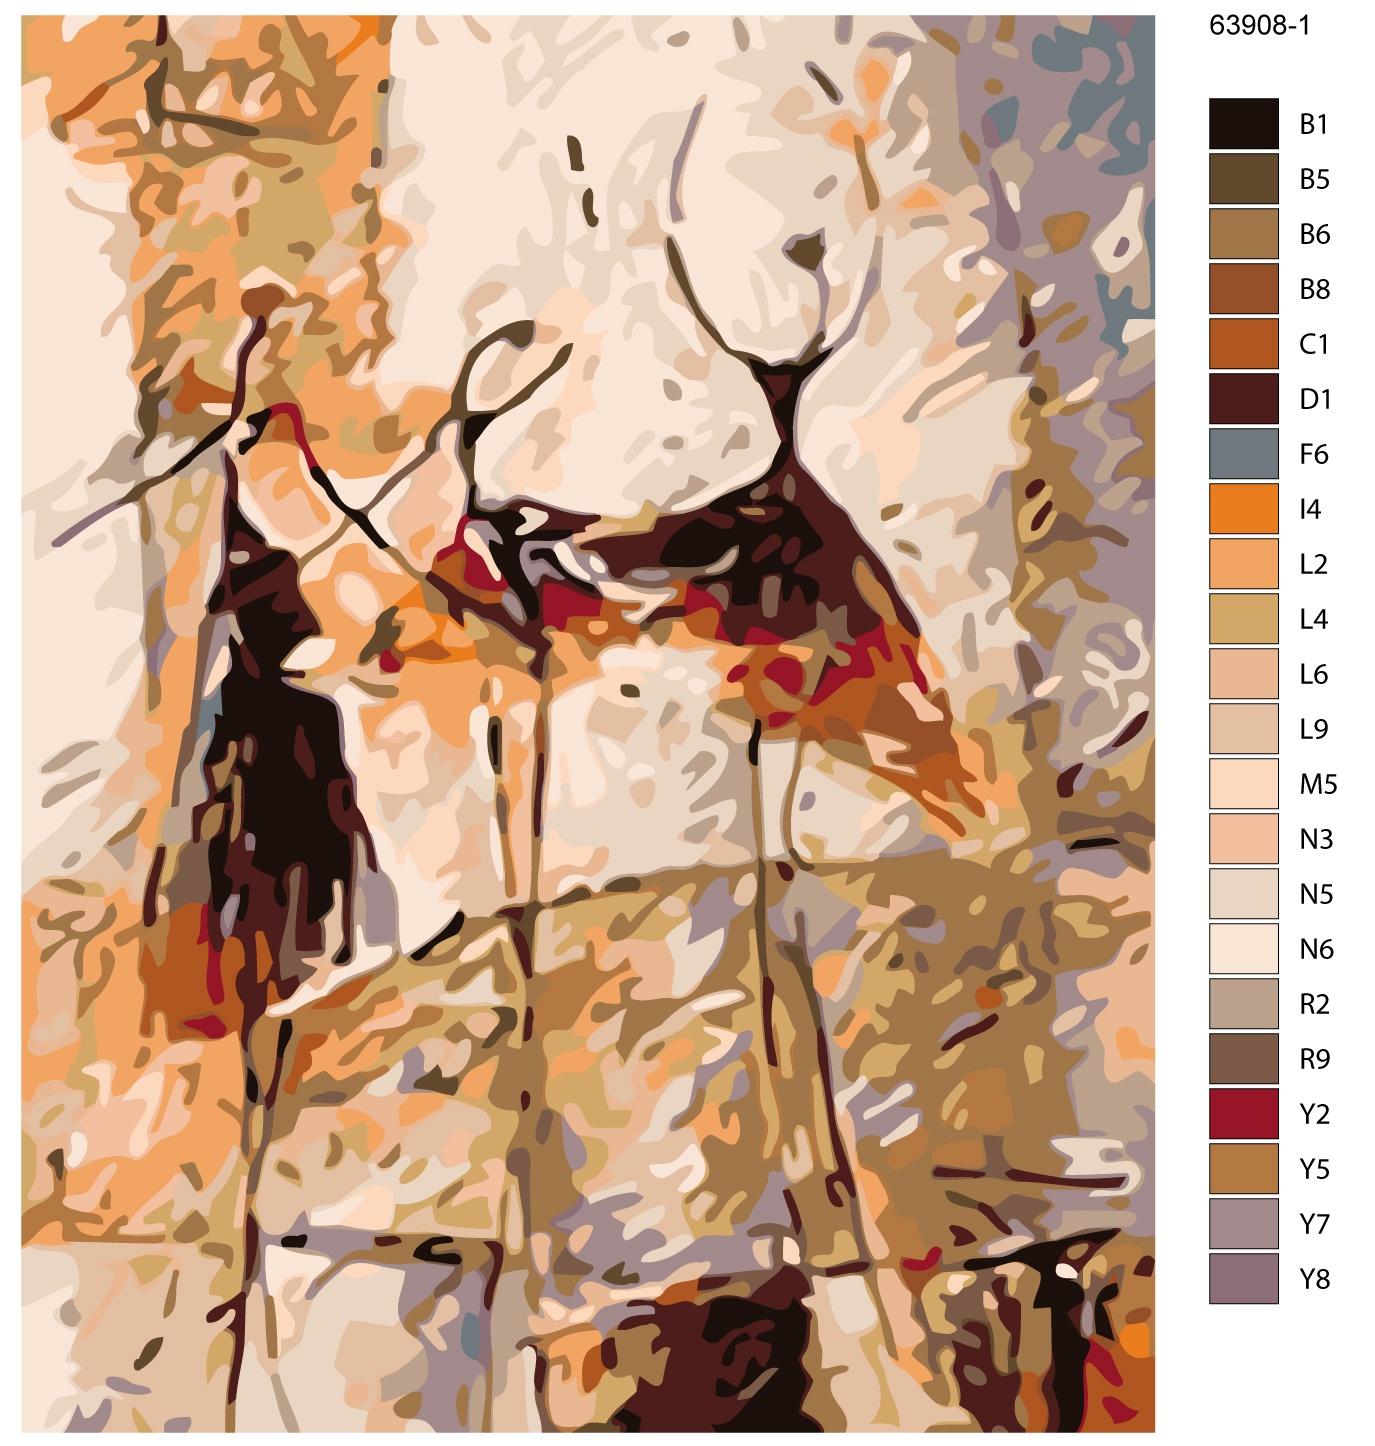 Картина по номерам, 80 x 100 см, KTMK-63908-1